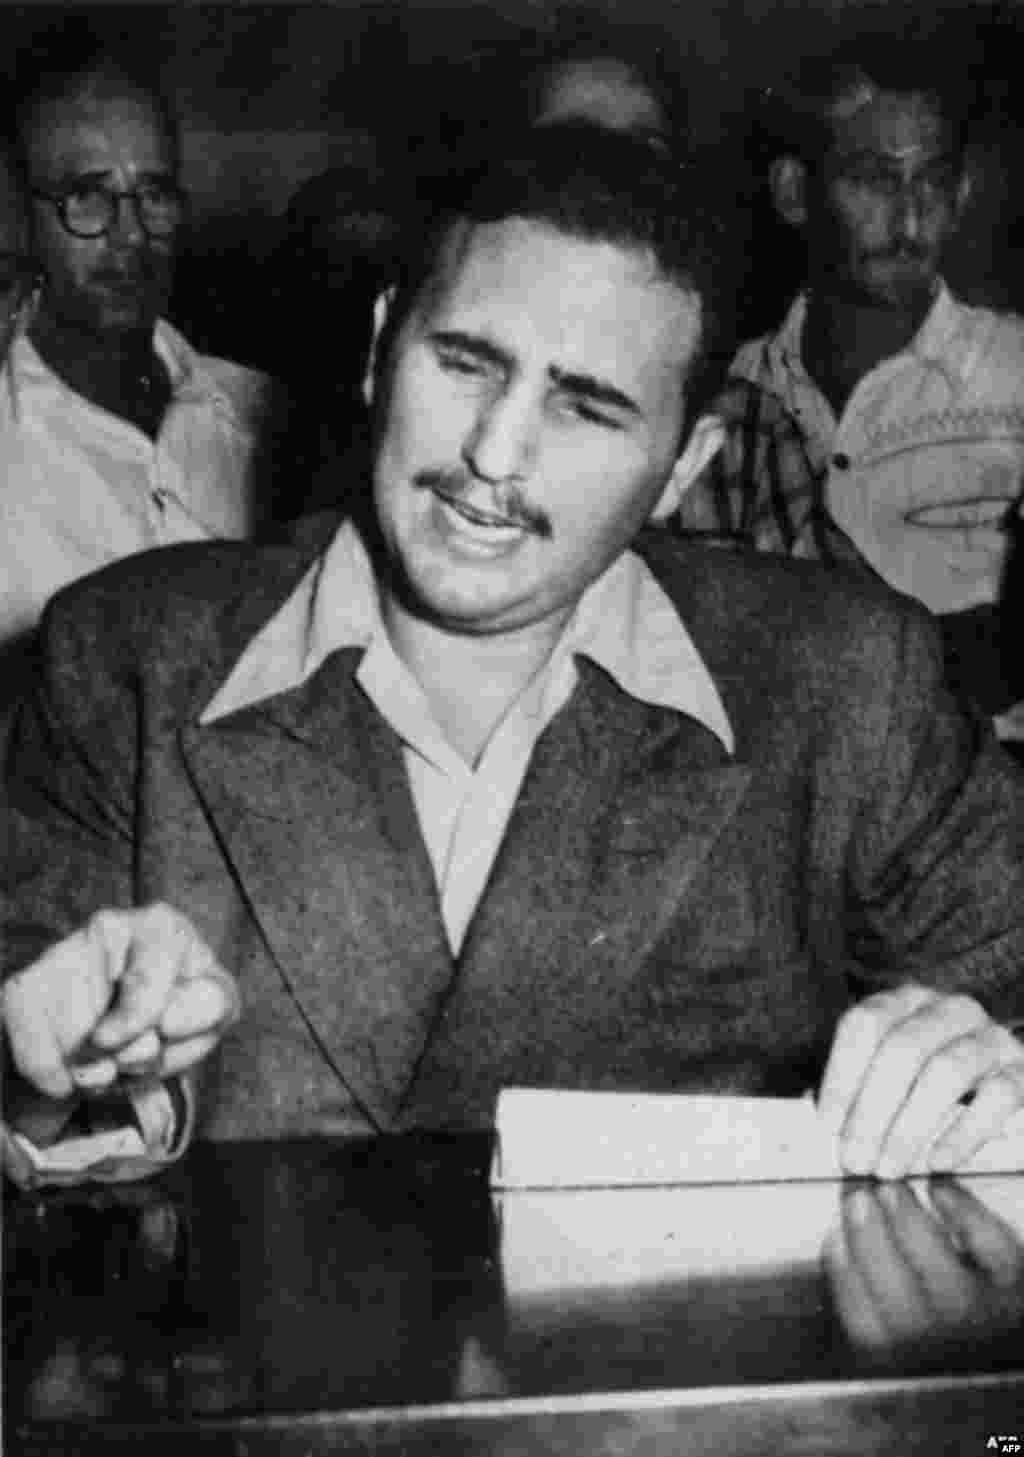 فیدل کاسترو در سال ۱۹۵۳